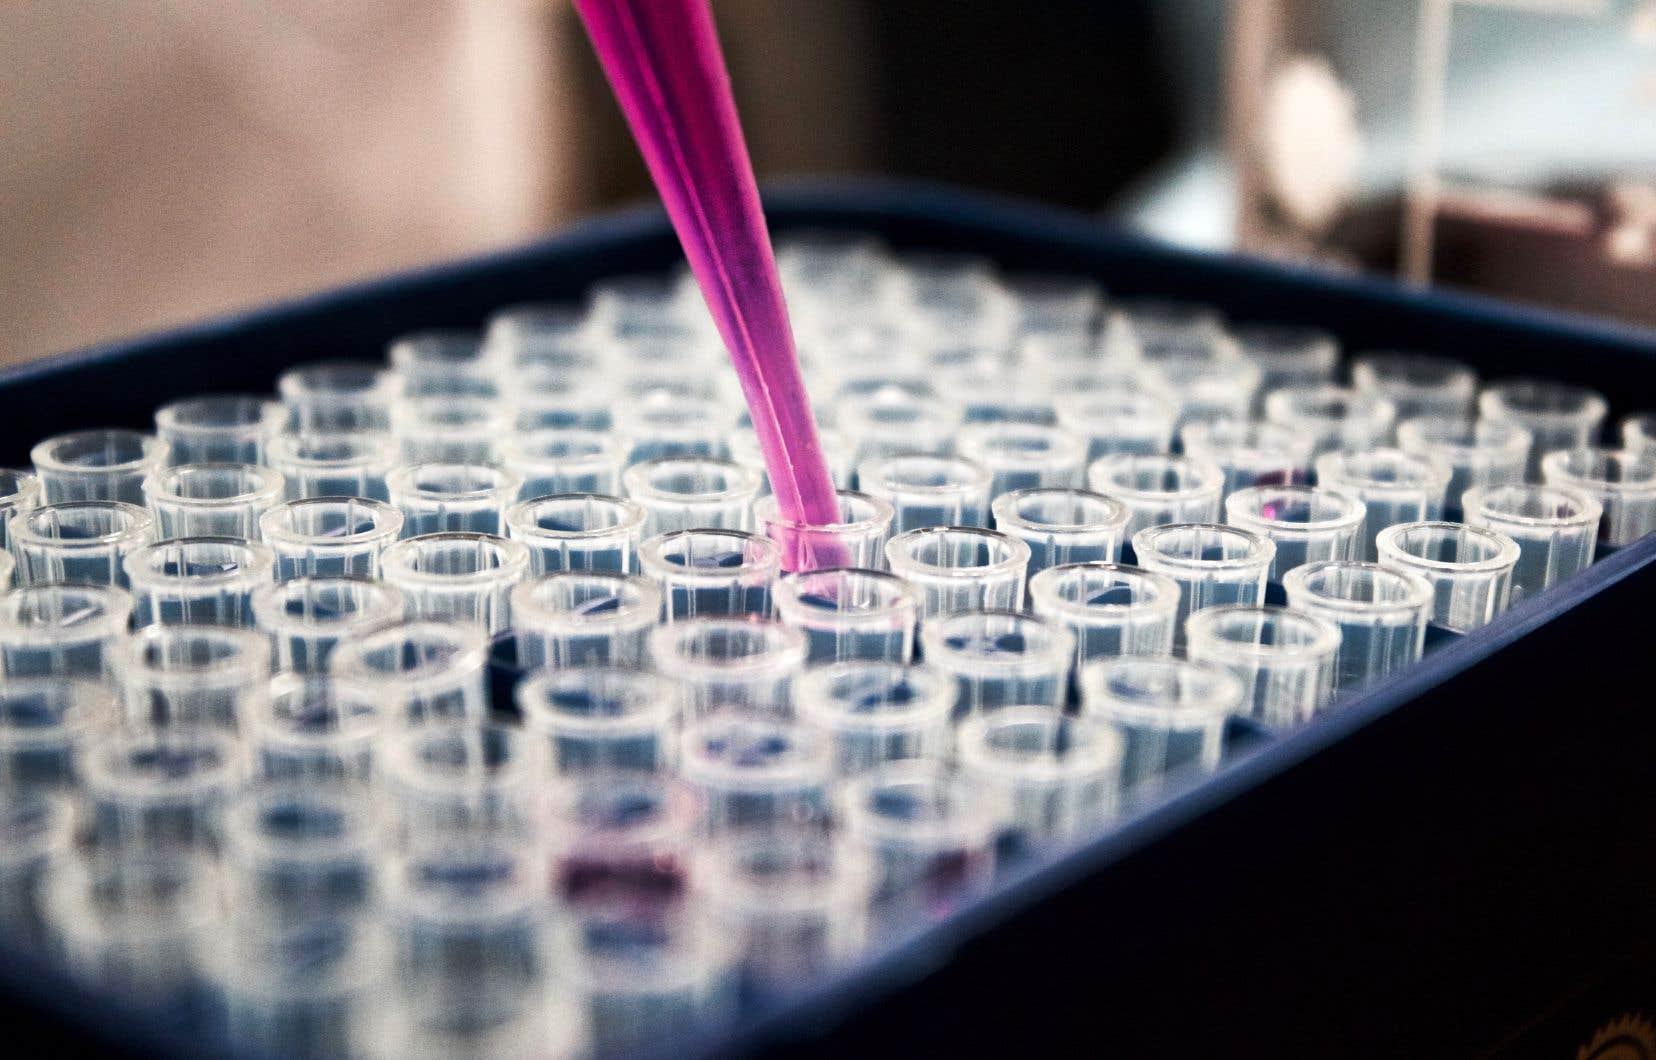 Une idée répandue veut que les compagnies pharmaceutiques hésitent à investir dans les recherches cliniques pour traiter certaines maladies génétiques rares.